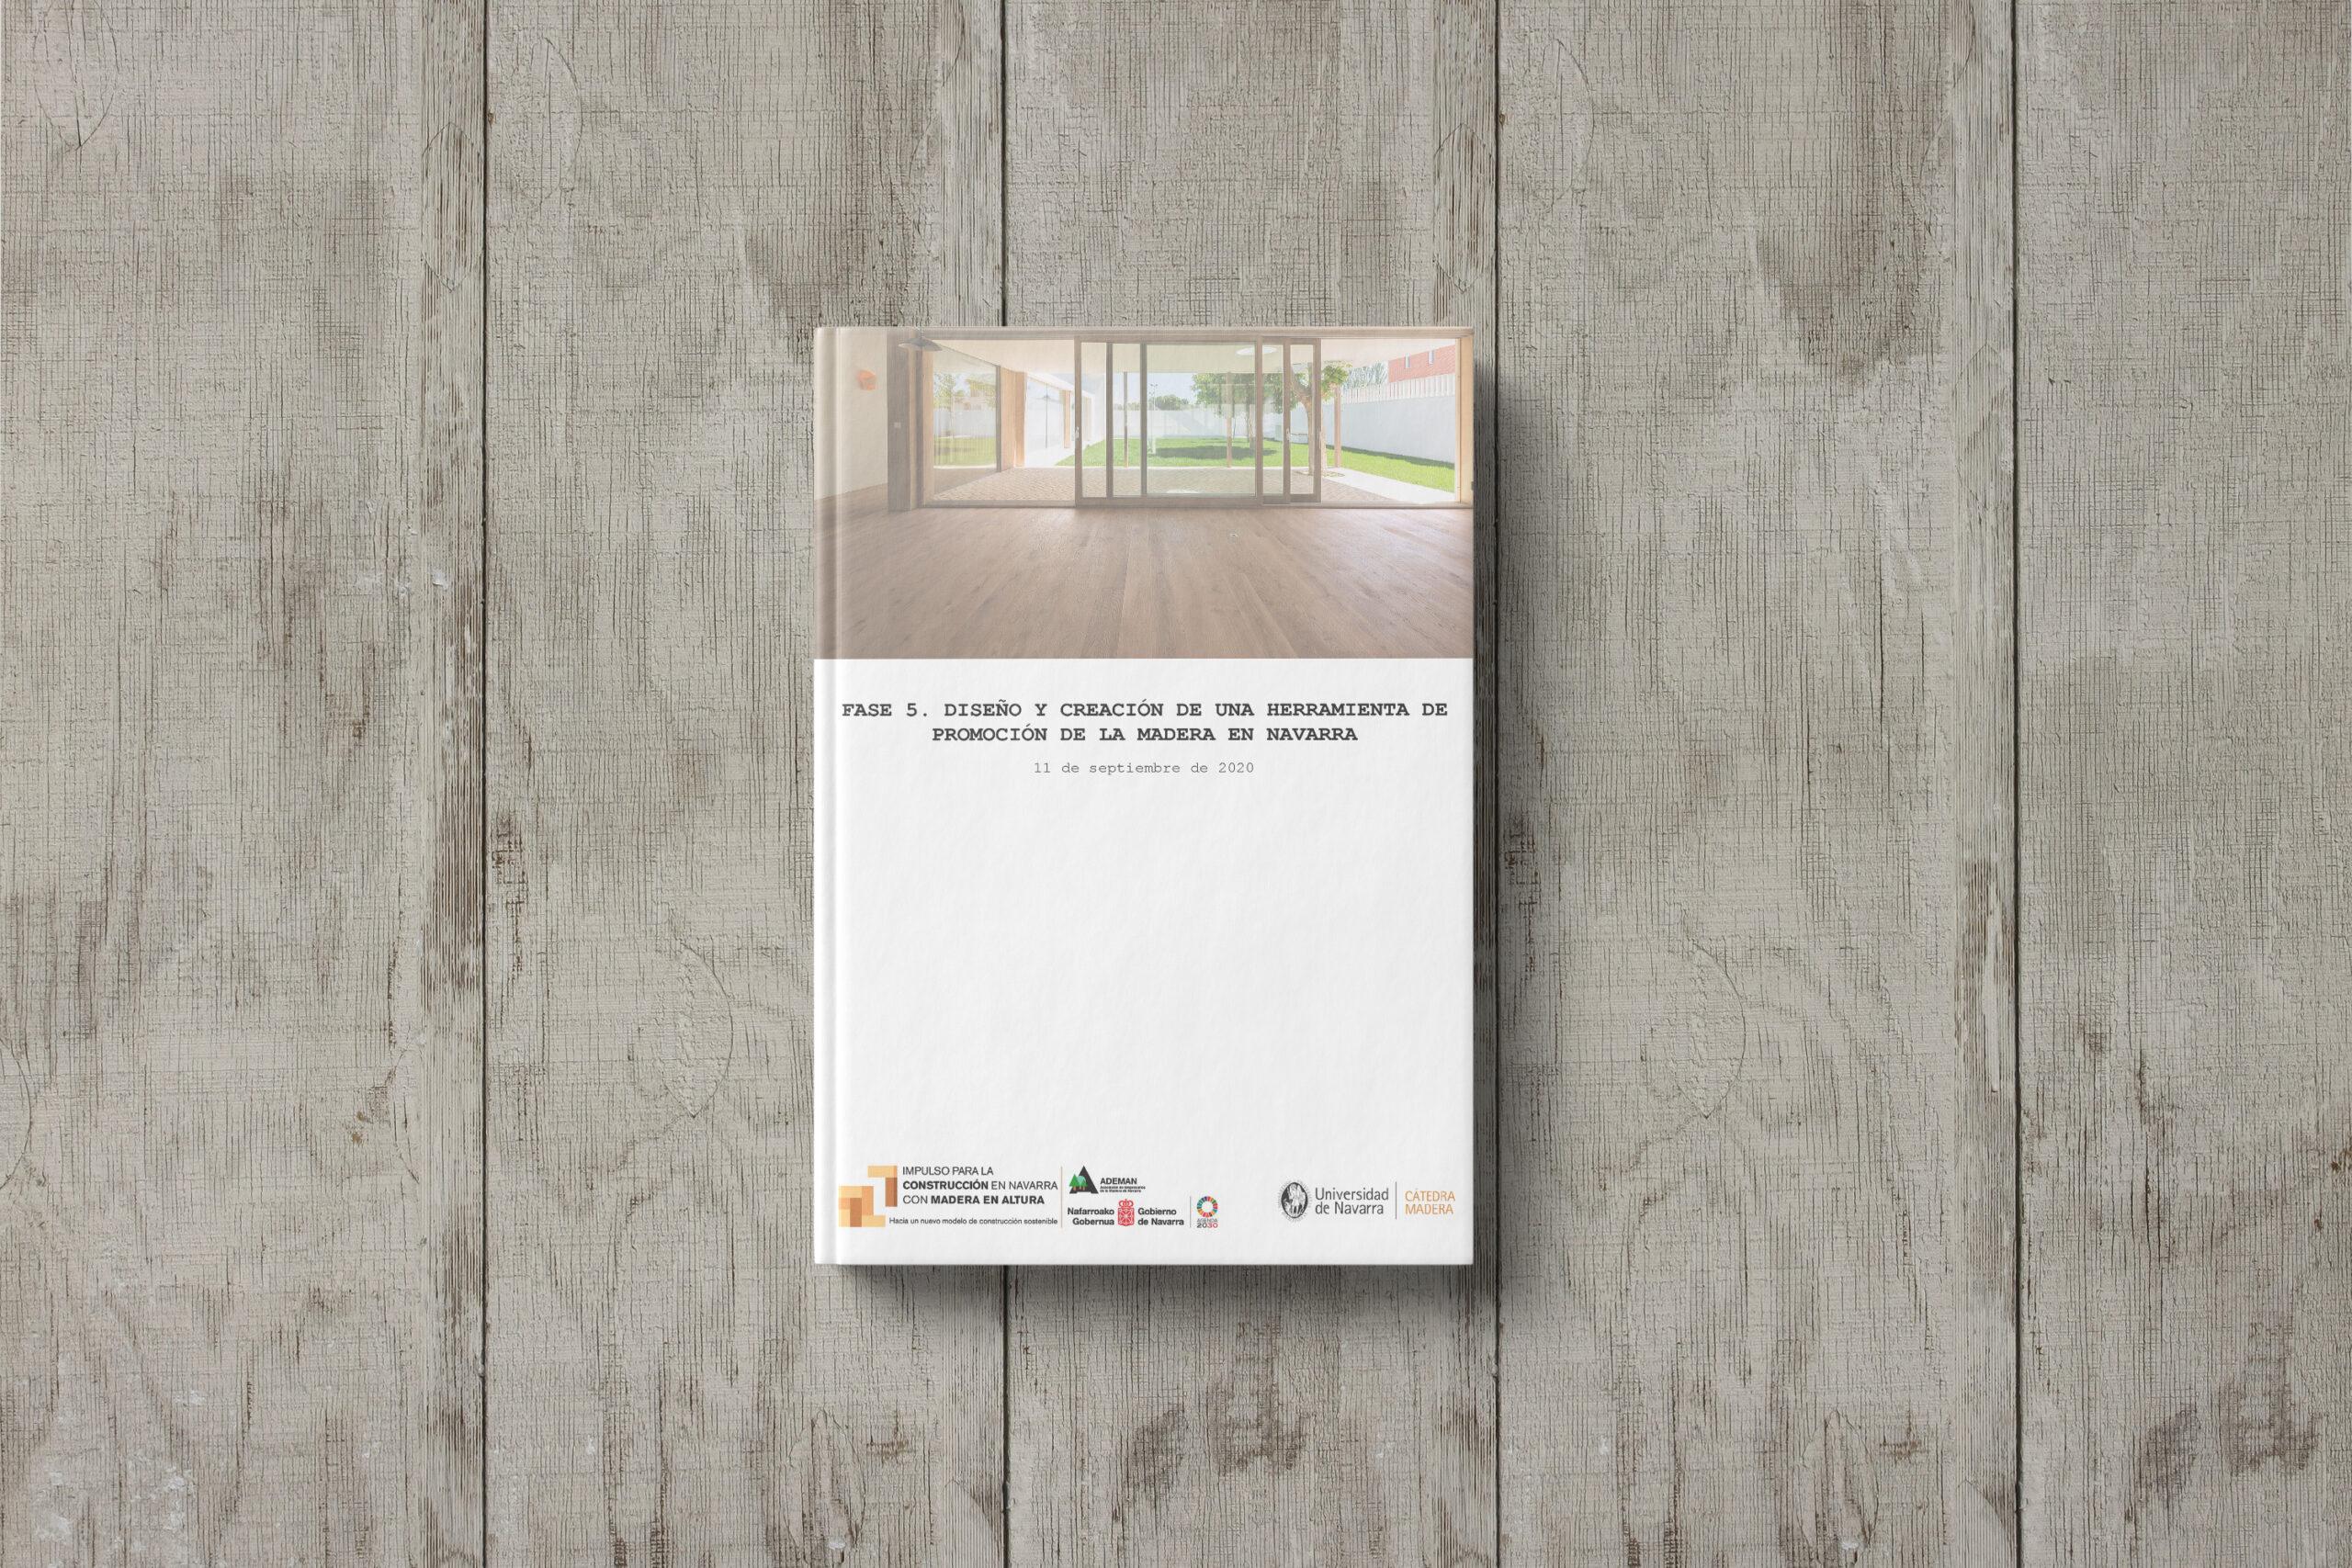 Argumentación metodológica de la herramienta de promoción de la madera en Navarra.